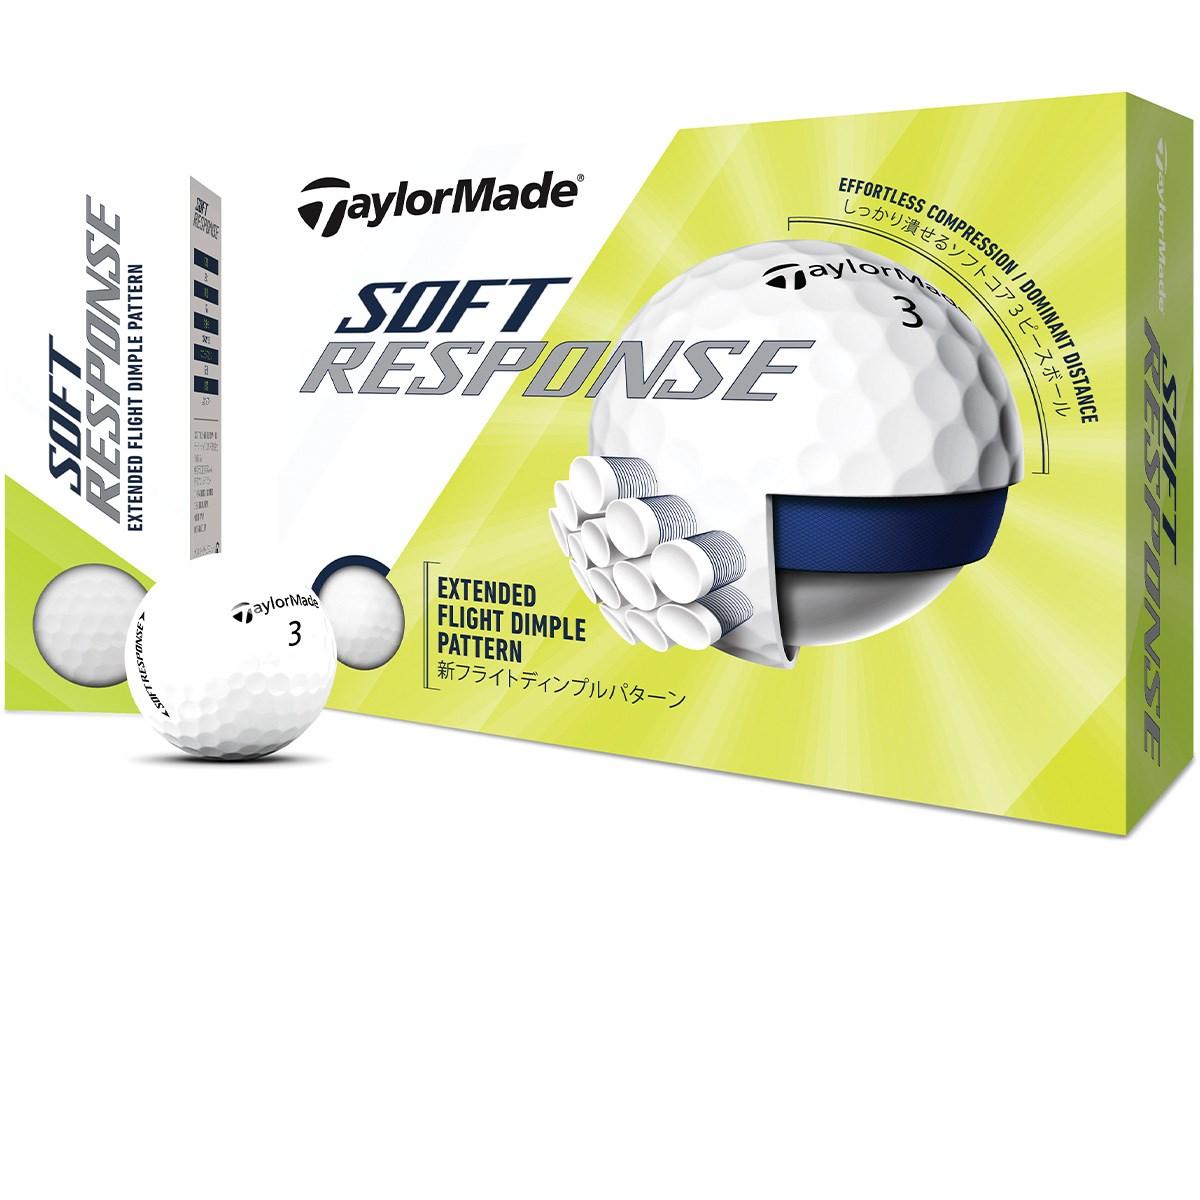 テーラーメイド TOUR RESPONSE SOFT RESPONSE ボール 3ダースセット 3ダース(36個入り) ホワイト